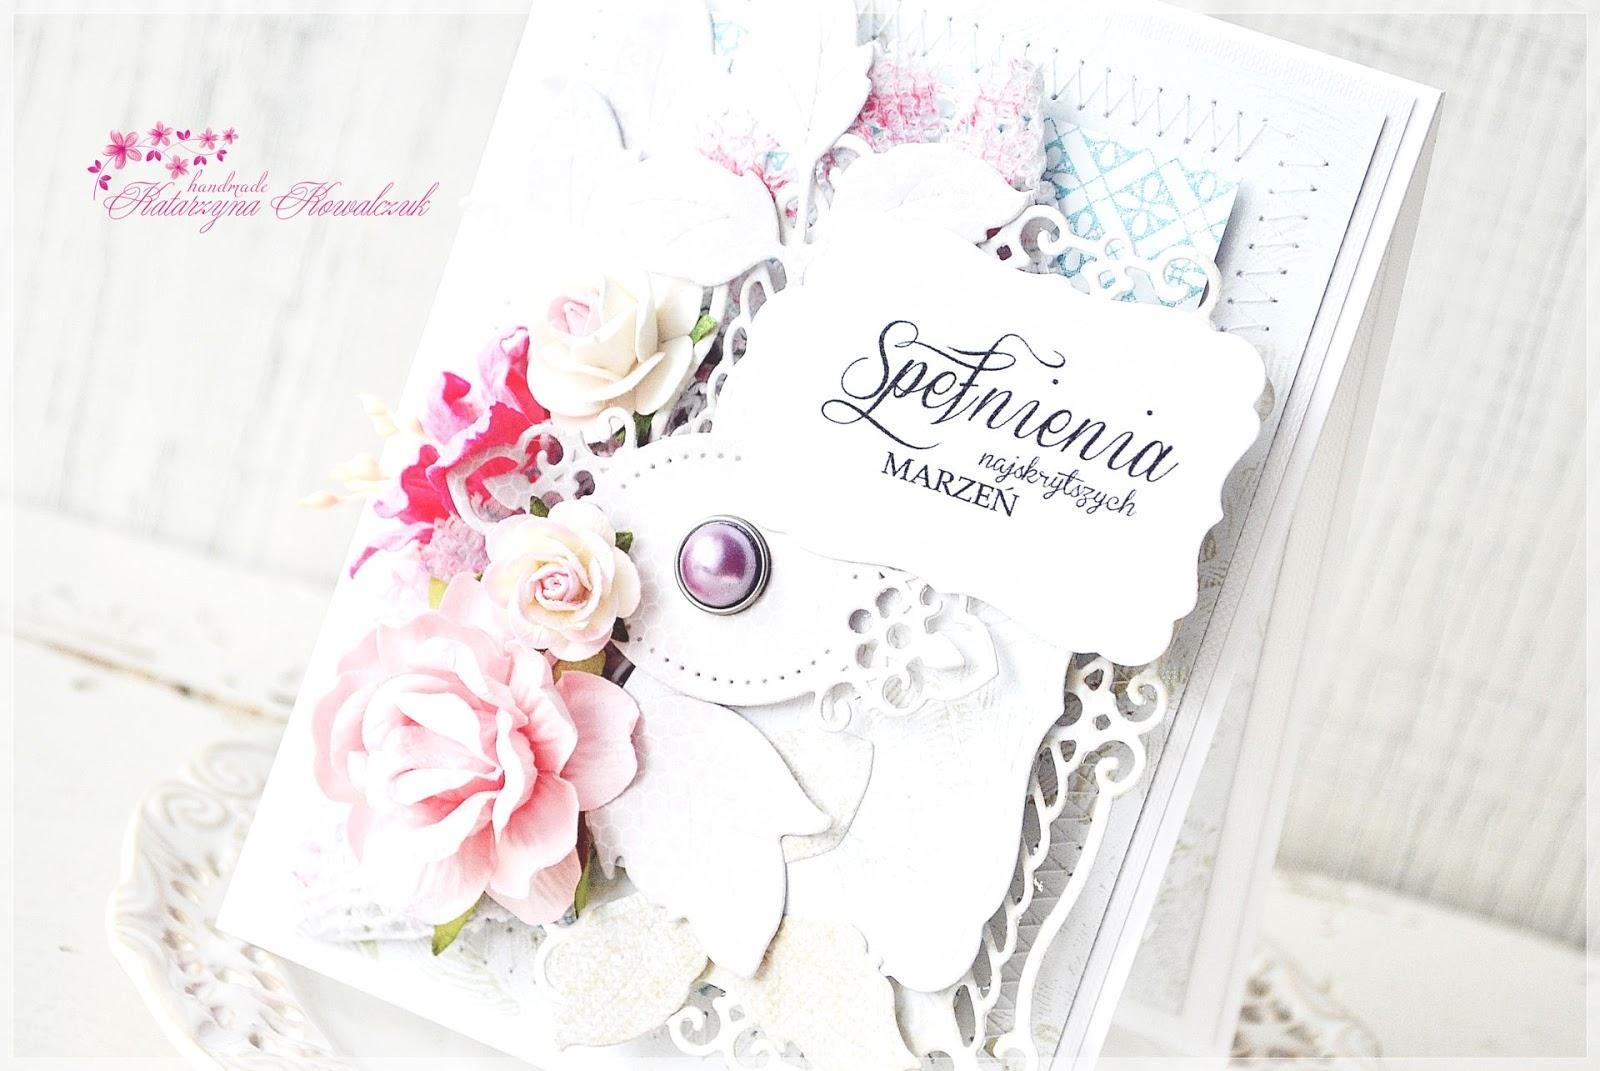 kartka okolicznościowa, urodzinowa,kwiatowa scrapbooking